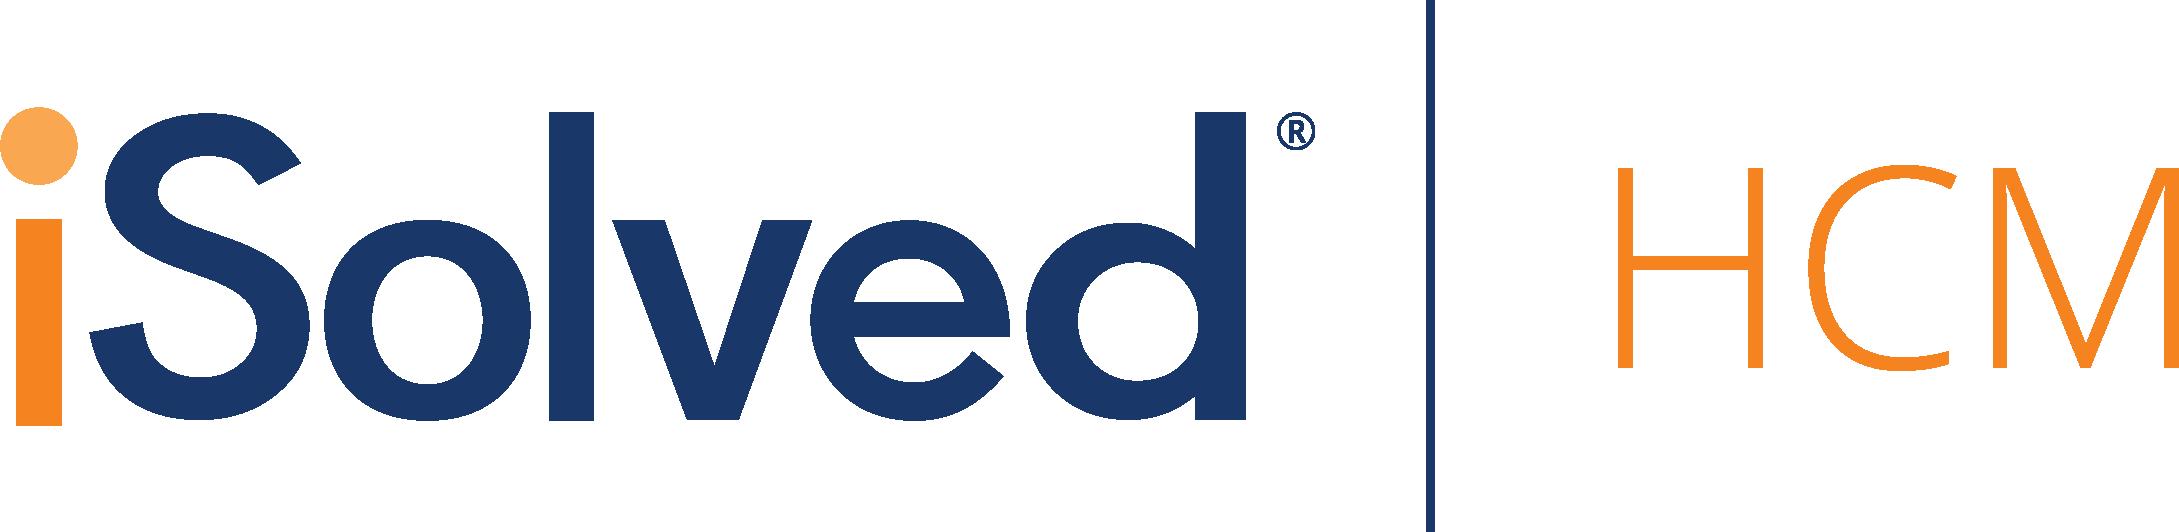 iSolved logo